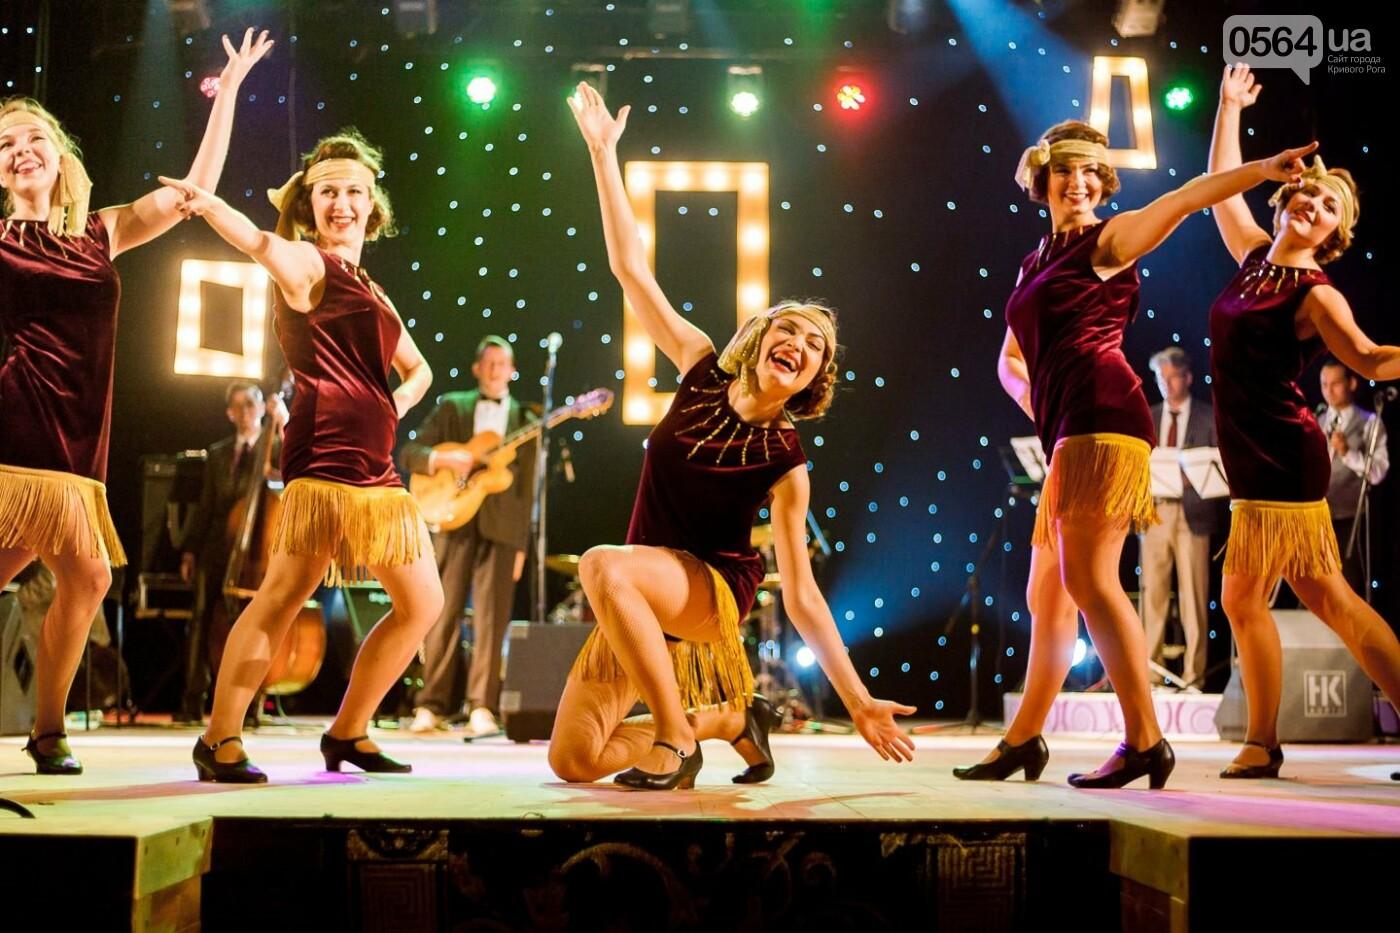 Музыкальный уикенд: в Кривом Роге состоится фестиваль-конкурс «Джаз на Почтовой», фото-3